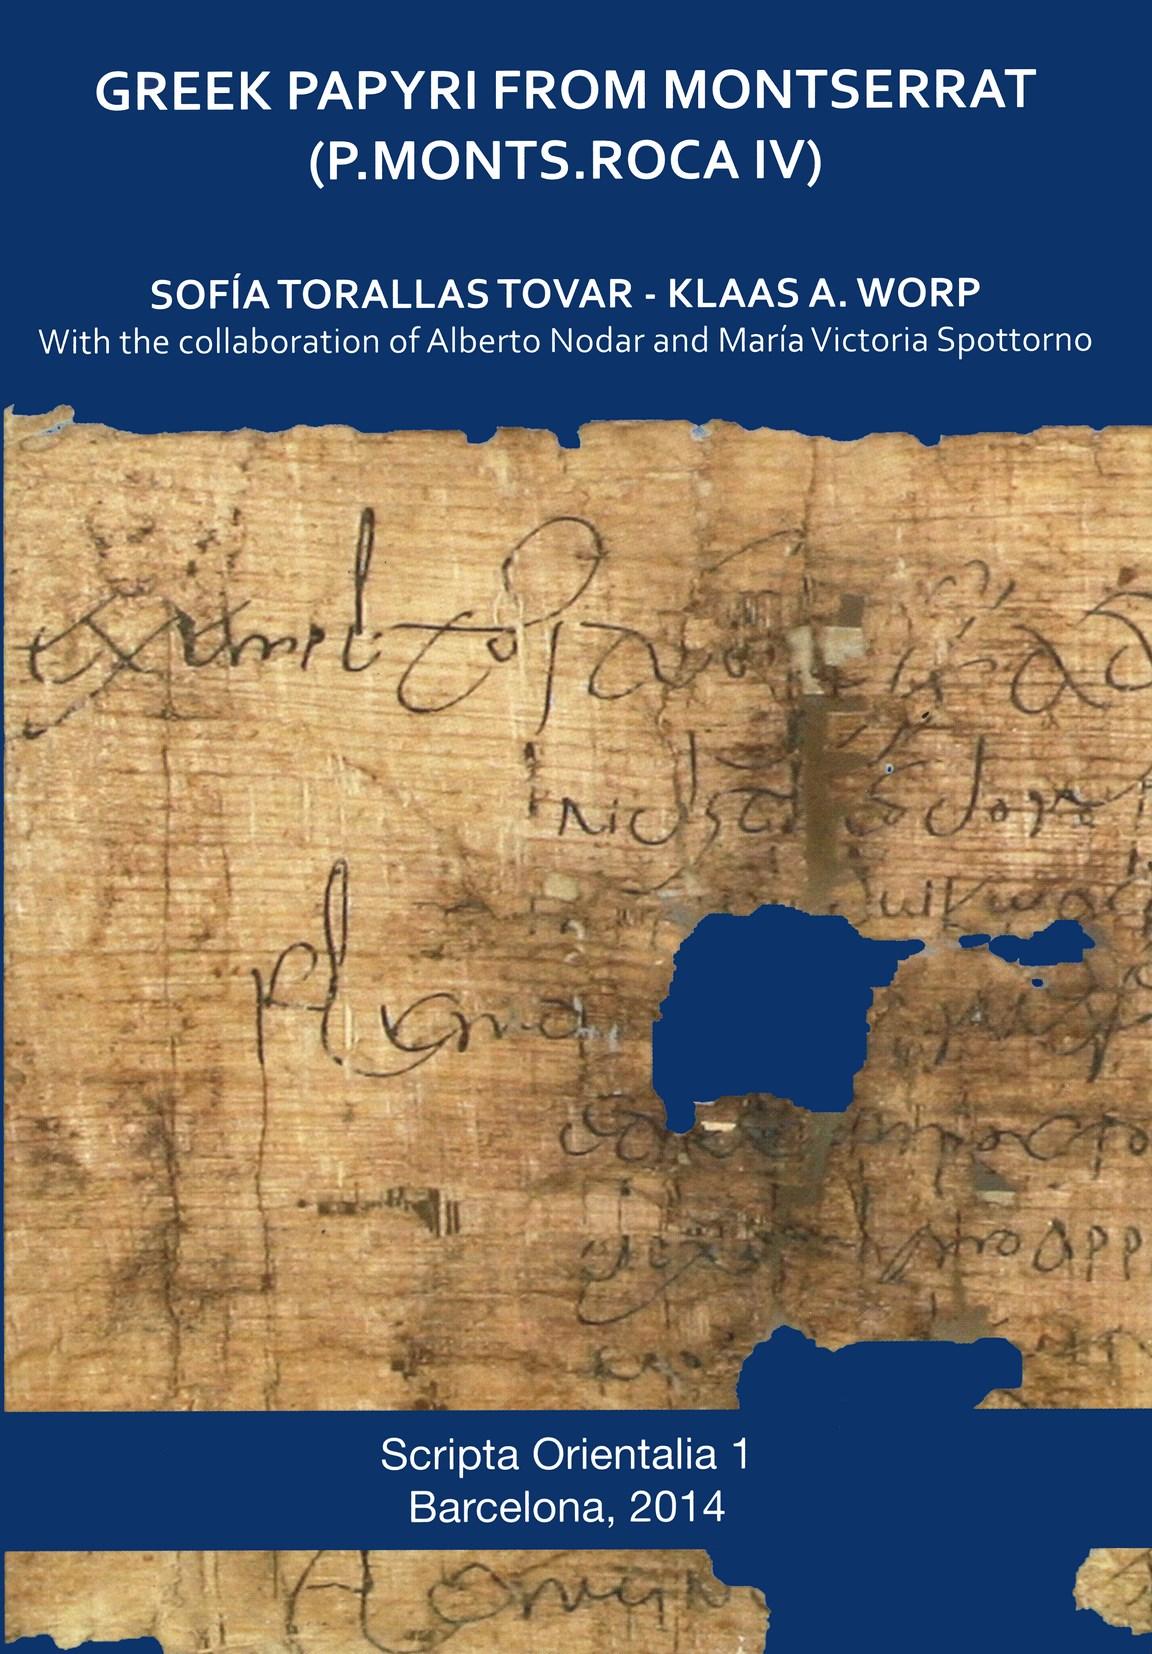 GREEK PAPYRI FROM MONTSERRAT : P.MONTS. ROCA IV